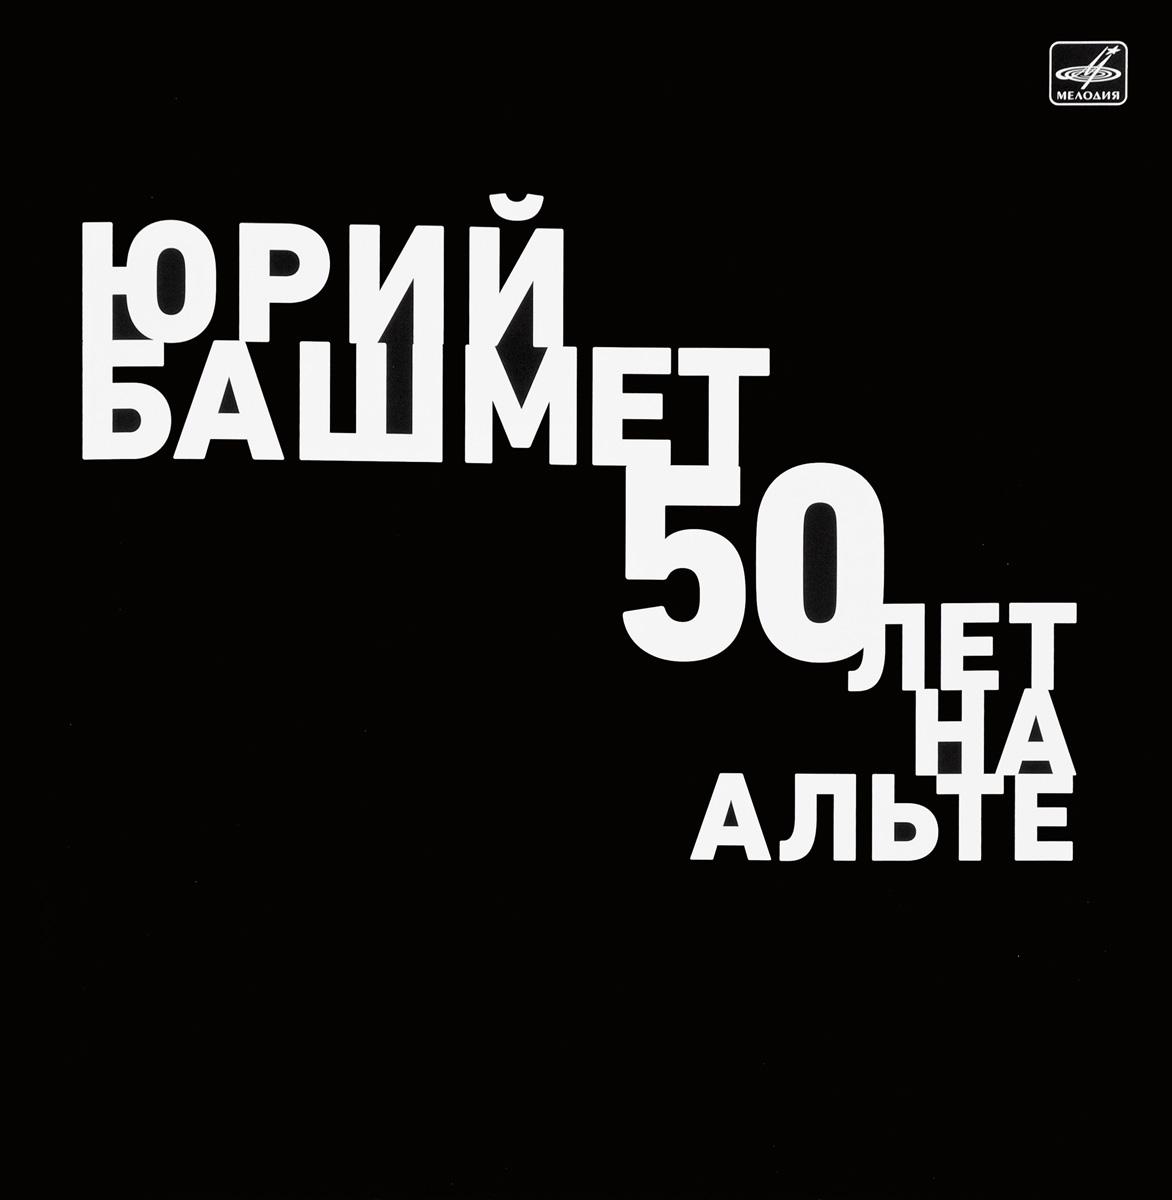 Юрий Башмет Юрий Башмет. 50 лет на Альте (LP)